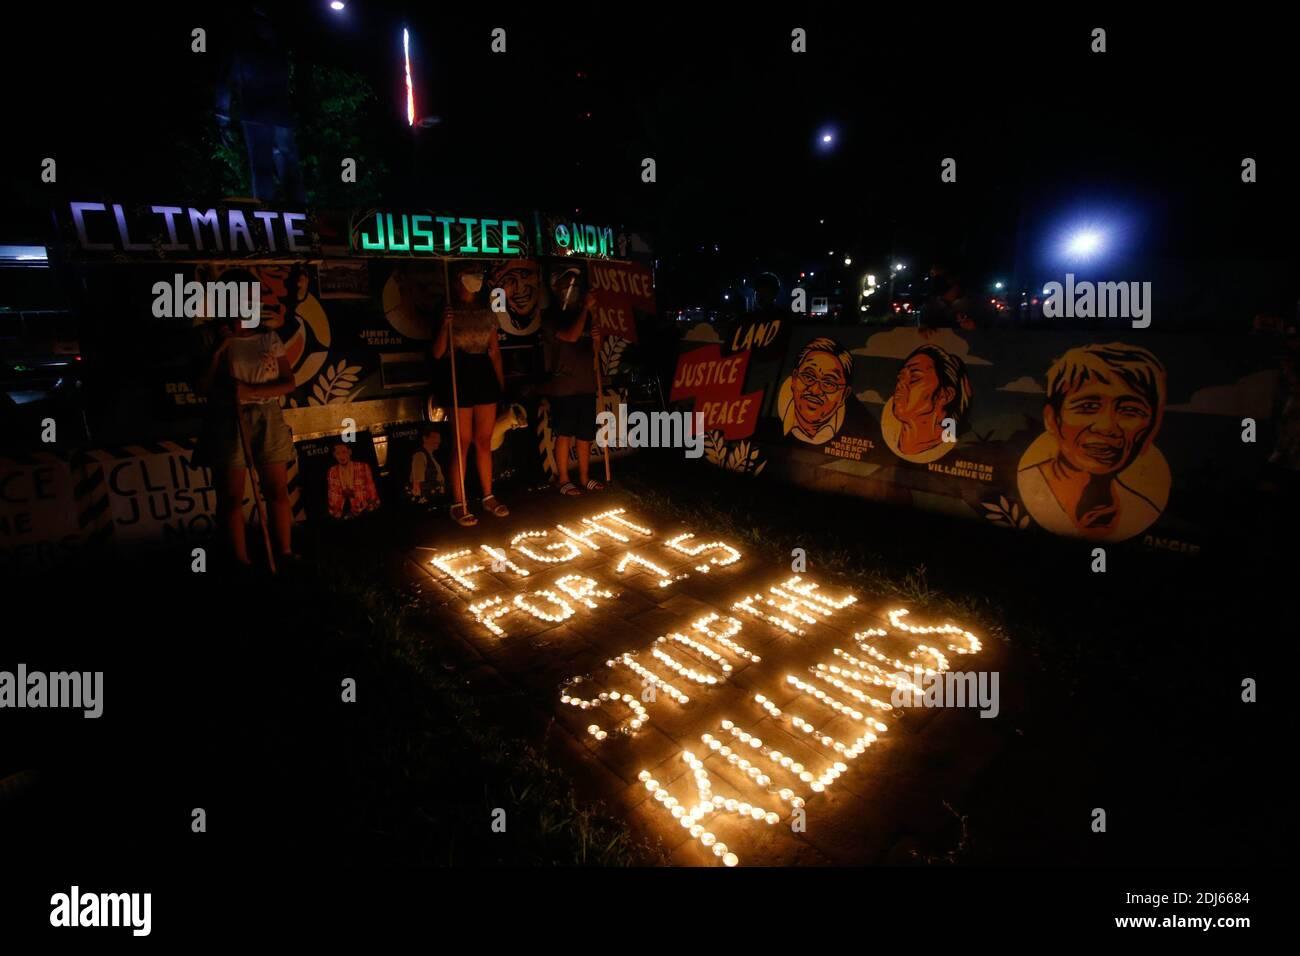 Activistas del clima encendieron velas y llevaron a cabo banderas de iluminación LED el 11 de diciembre de 2020. Esta actividad conmemora el quinto aniversario del Acuerdo de París con un llamado a luchar para 1.5 y a poner fin a la matanza de defensores del medio ambiente. Ciudad de Quezon, Filipinas. Foto de stock